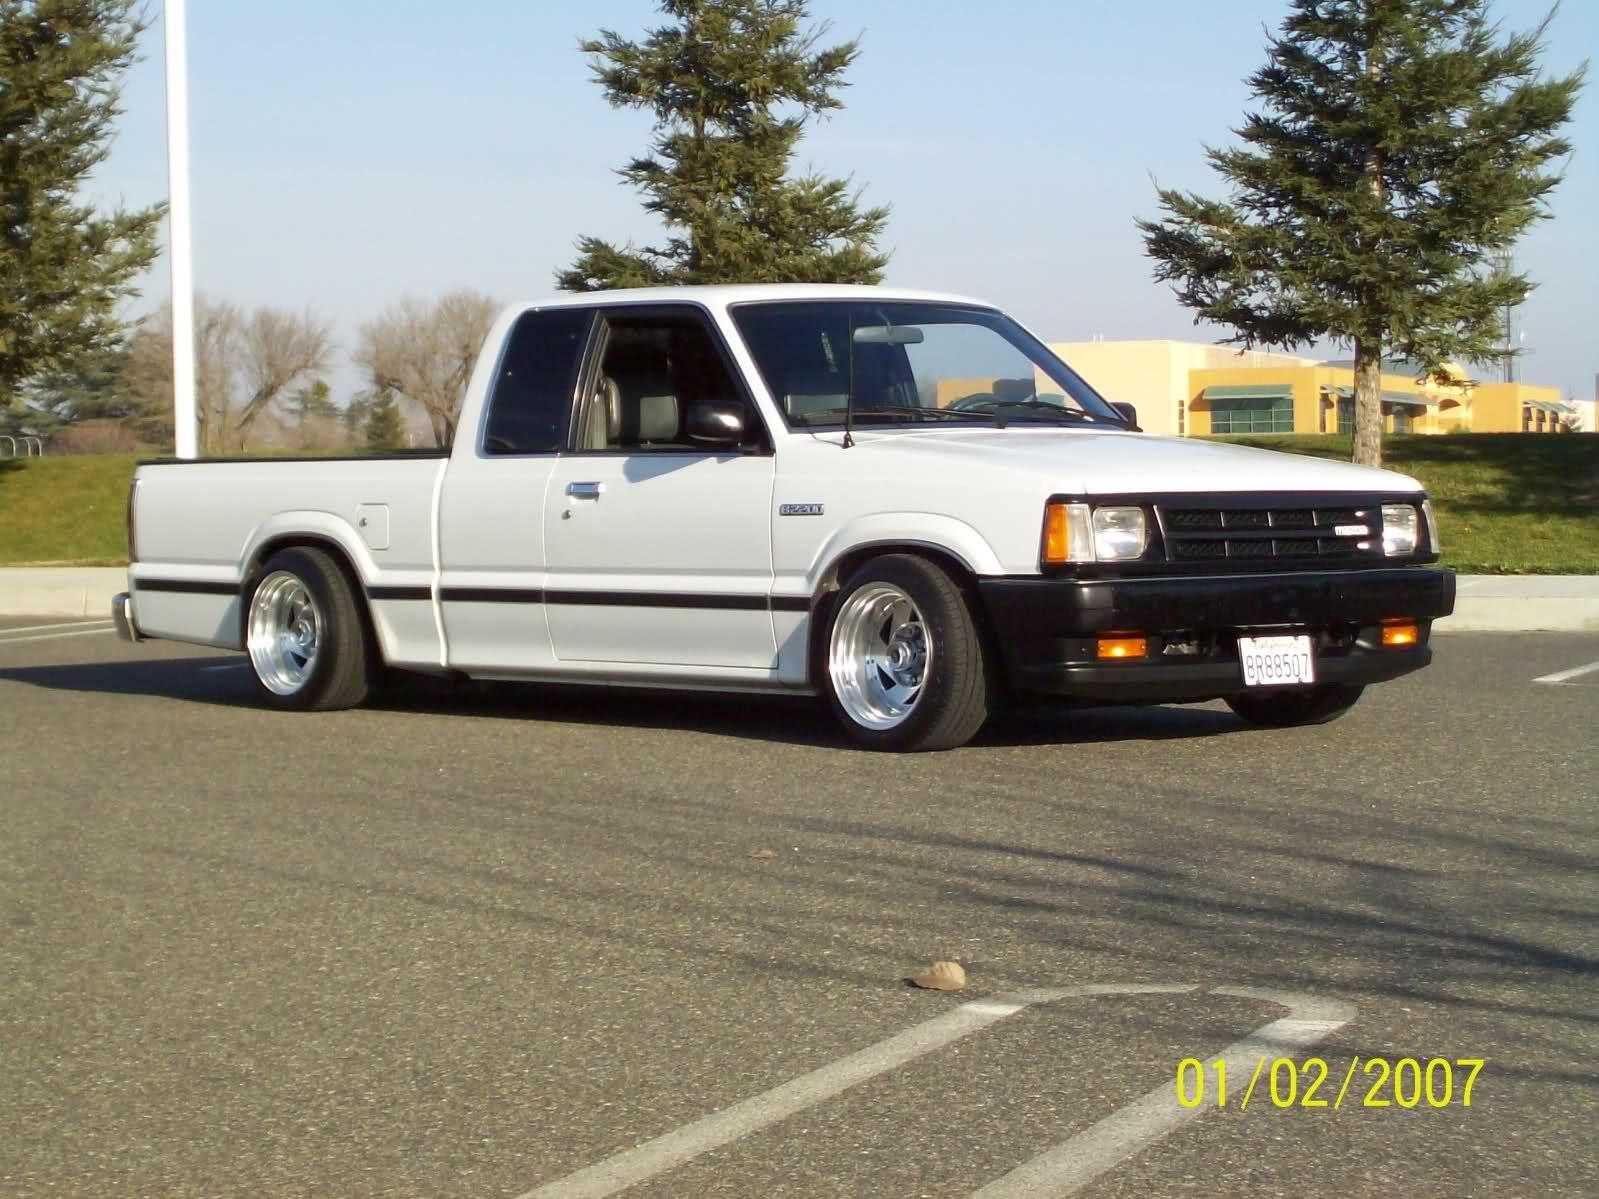 1991 mazda b2200 king cab mini truck [ 1599 x 1199 Pixel ]